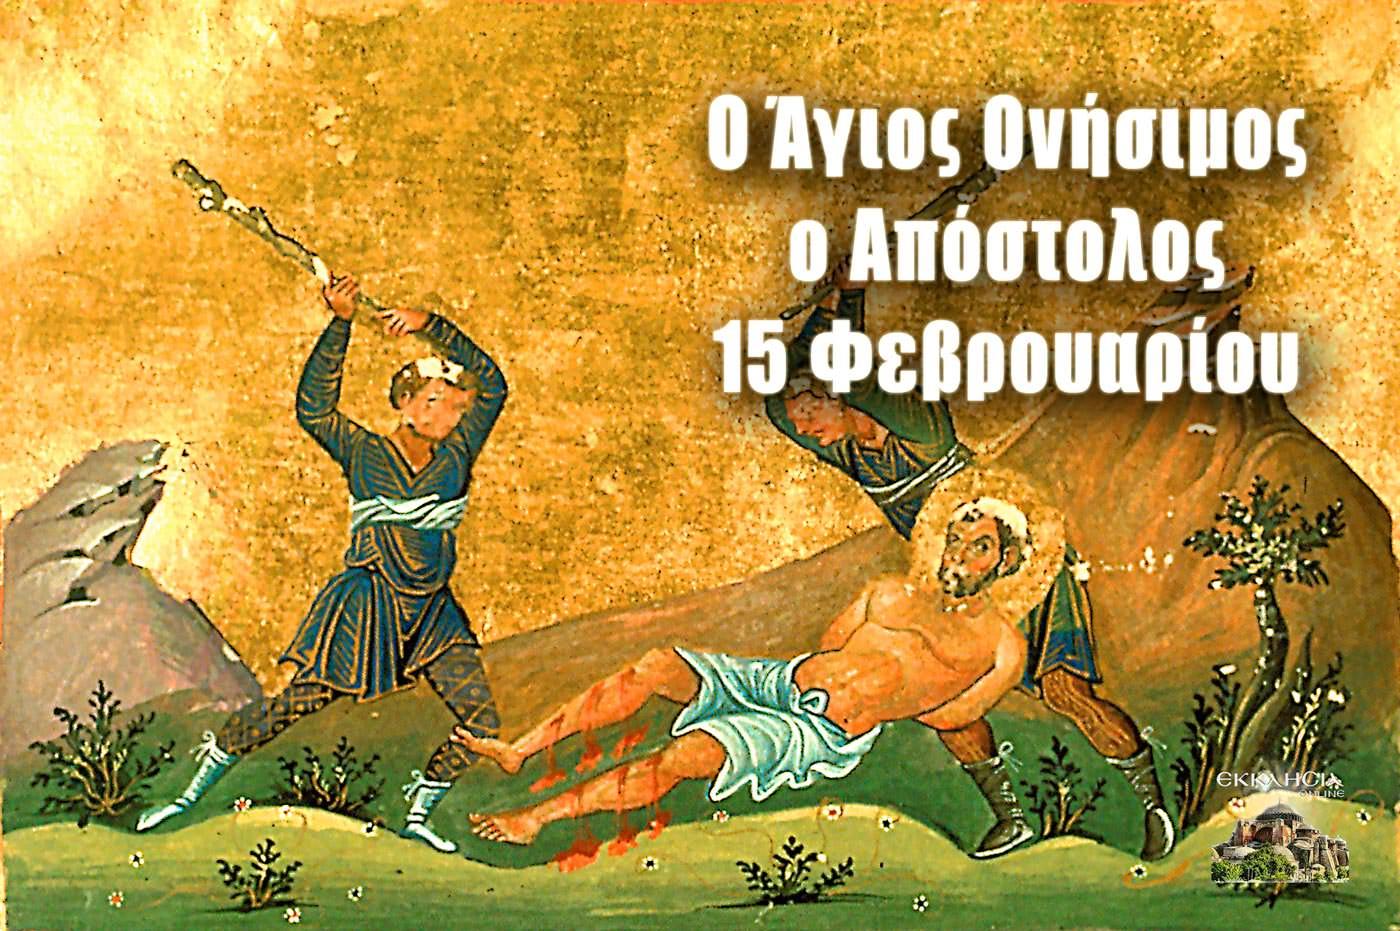 Άγιος Ονήσιμος Απόστολος 15 Φεβρουαρίου